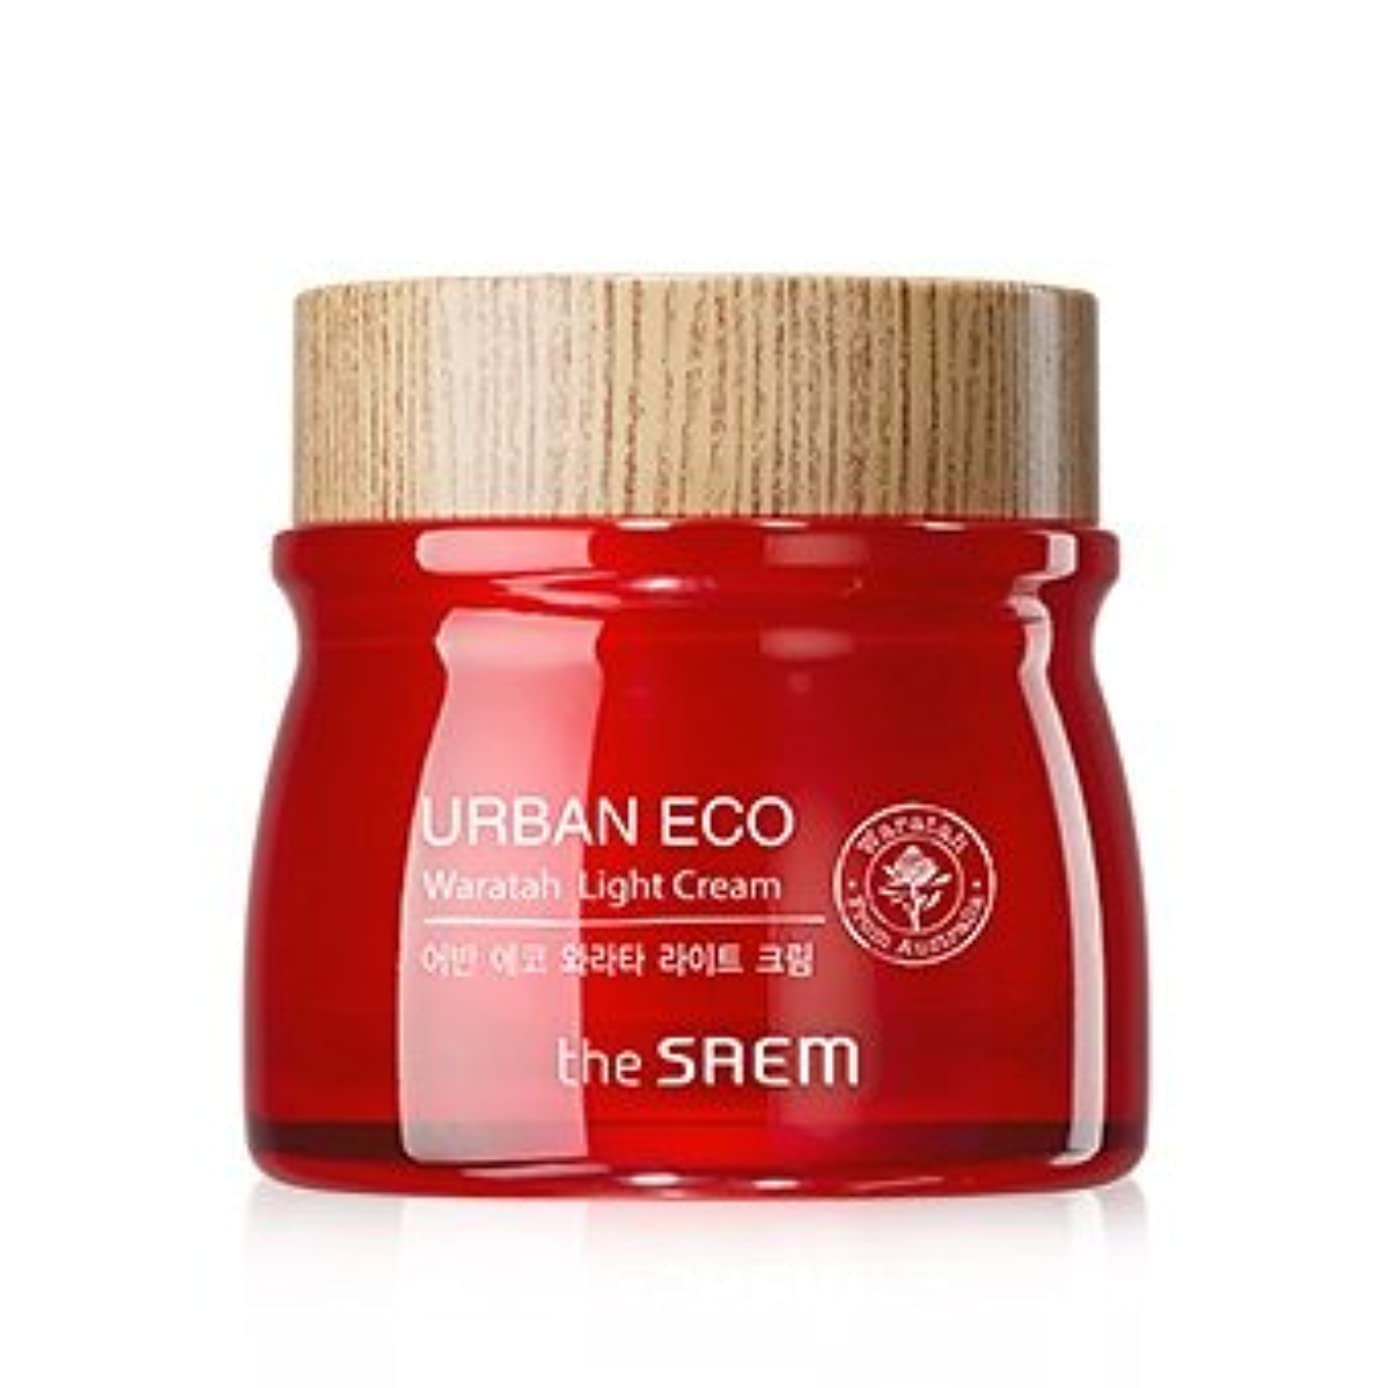 送るほこり情報The Saem Urban Eco Waratah Light Cream 60ml ドセム アーバンエコワラターライトクリーム60ml[並行輸入品]